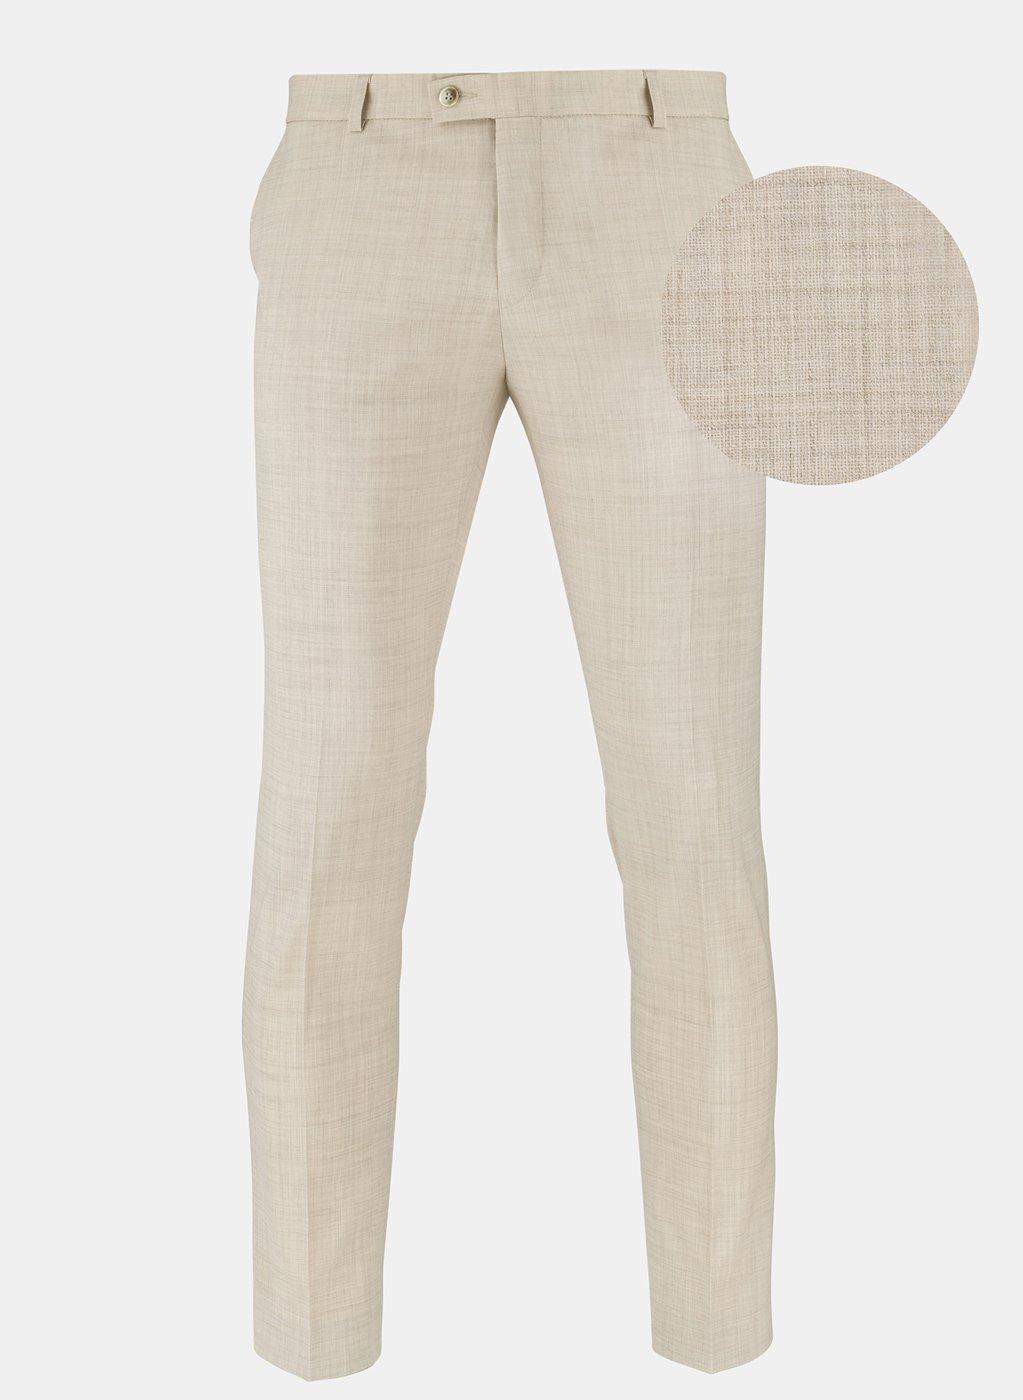 aa187630fe3b41 Spodnie męskie beżowe wykonane w 100% z wełny